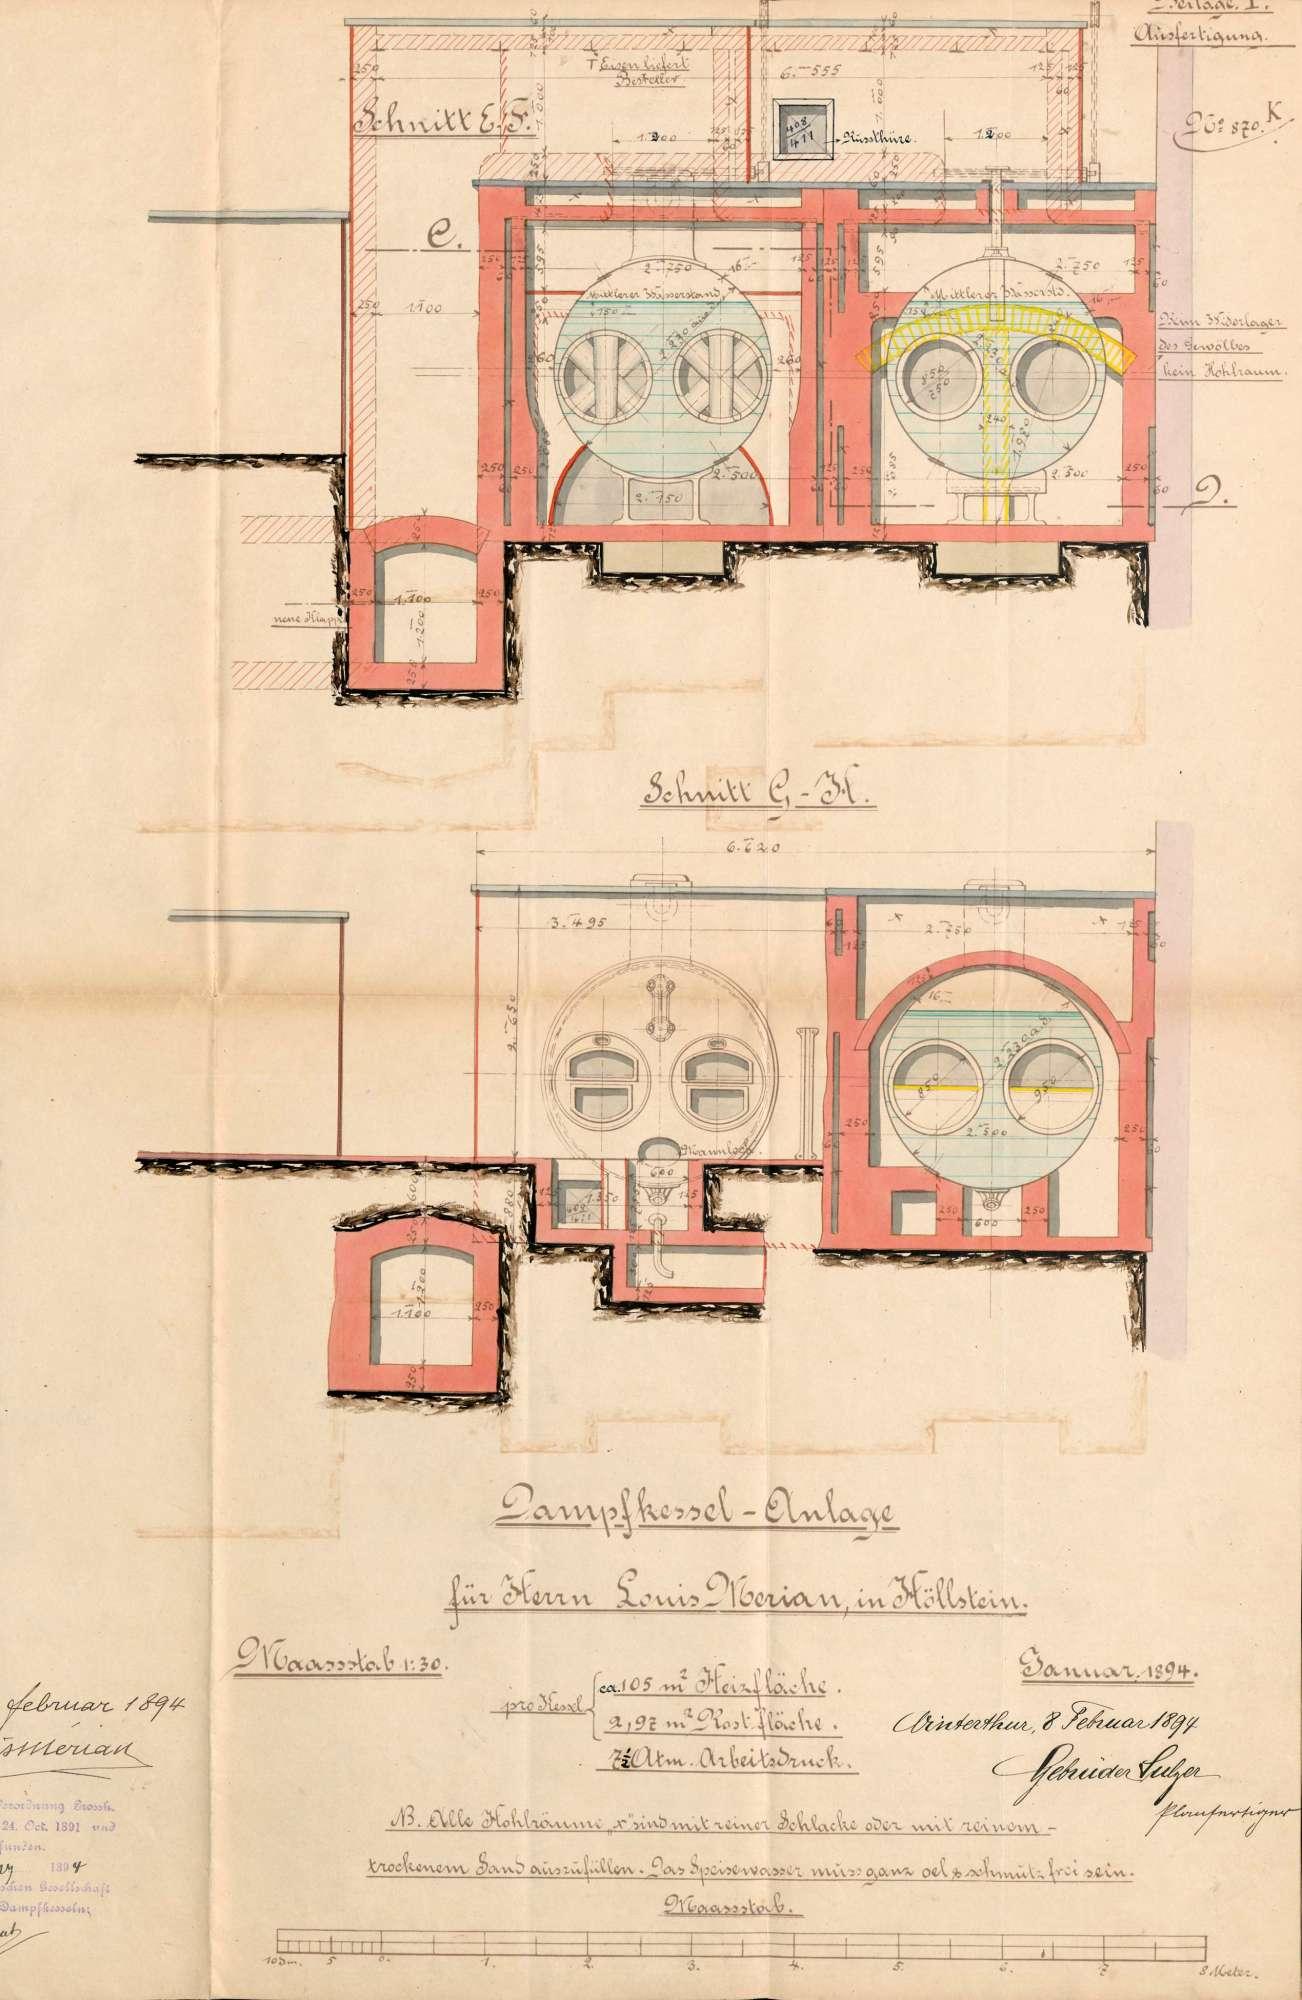 Gesuch der Fa. Louis Merian in Höllstein um Erlaubnis zur Anlegung zweier Dampfkessel, Bild 3